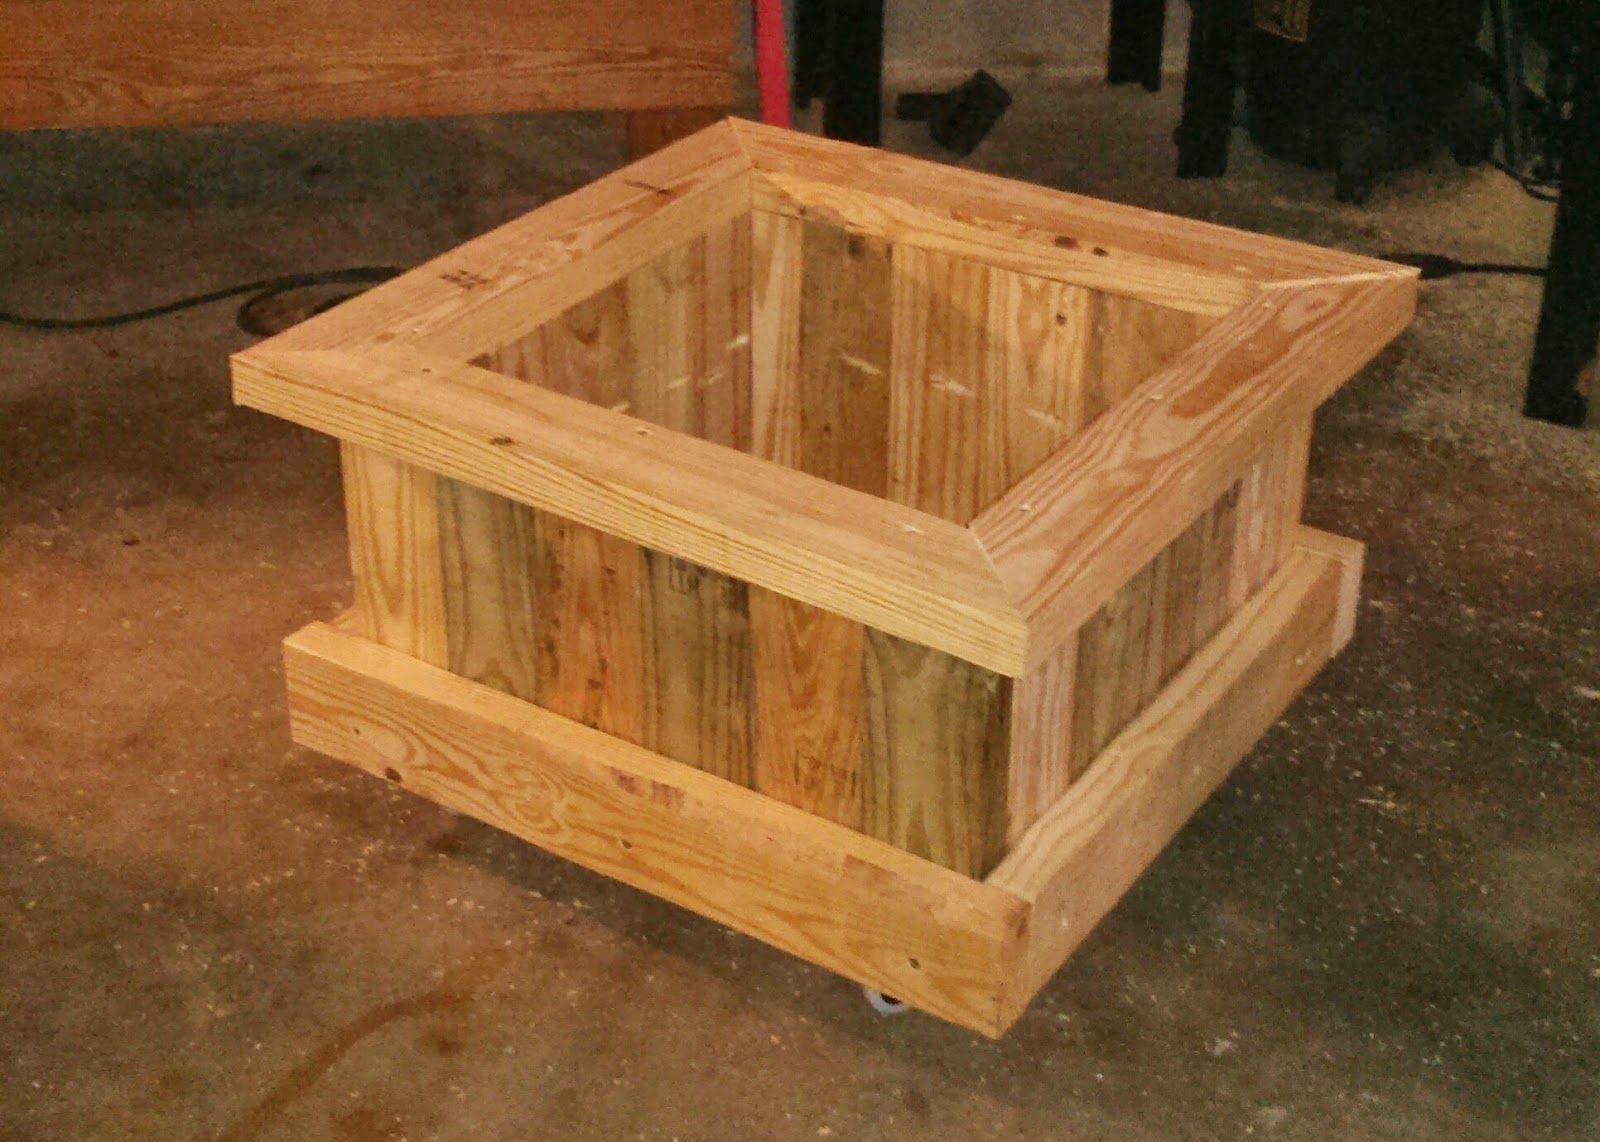 Matt S Diy Home Large Pallet 2X4 Planter Wood Planters 400 x 300